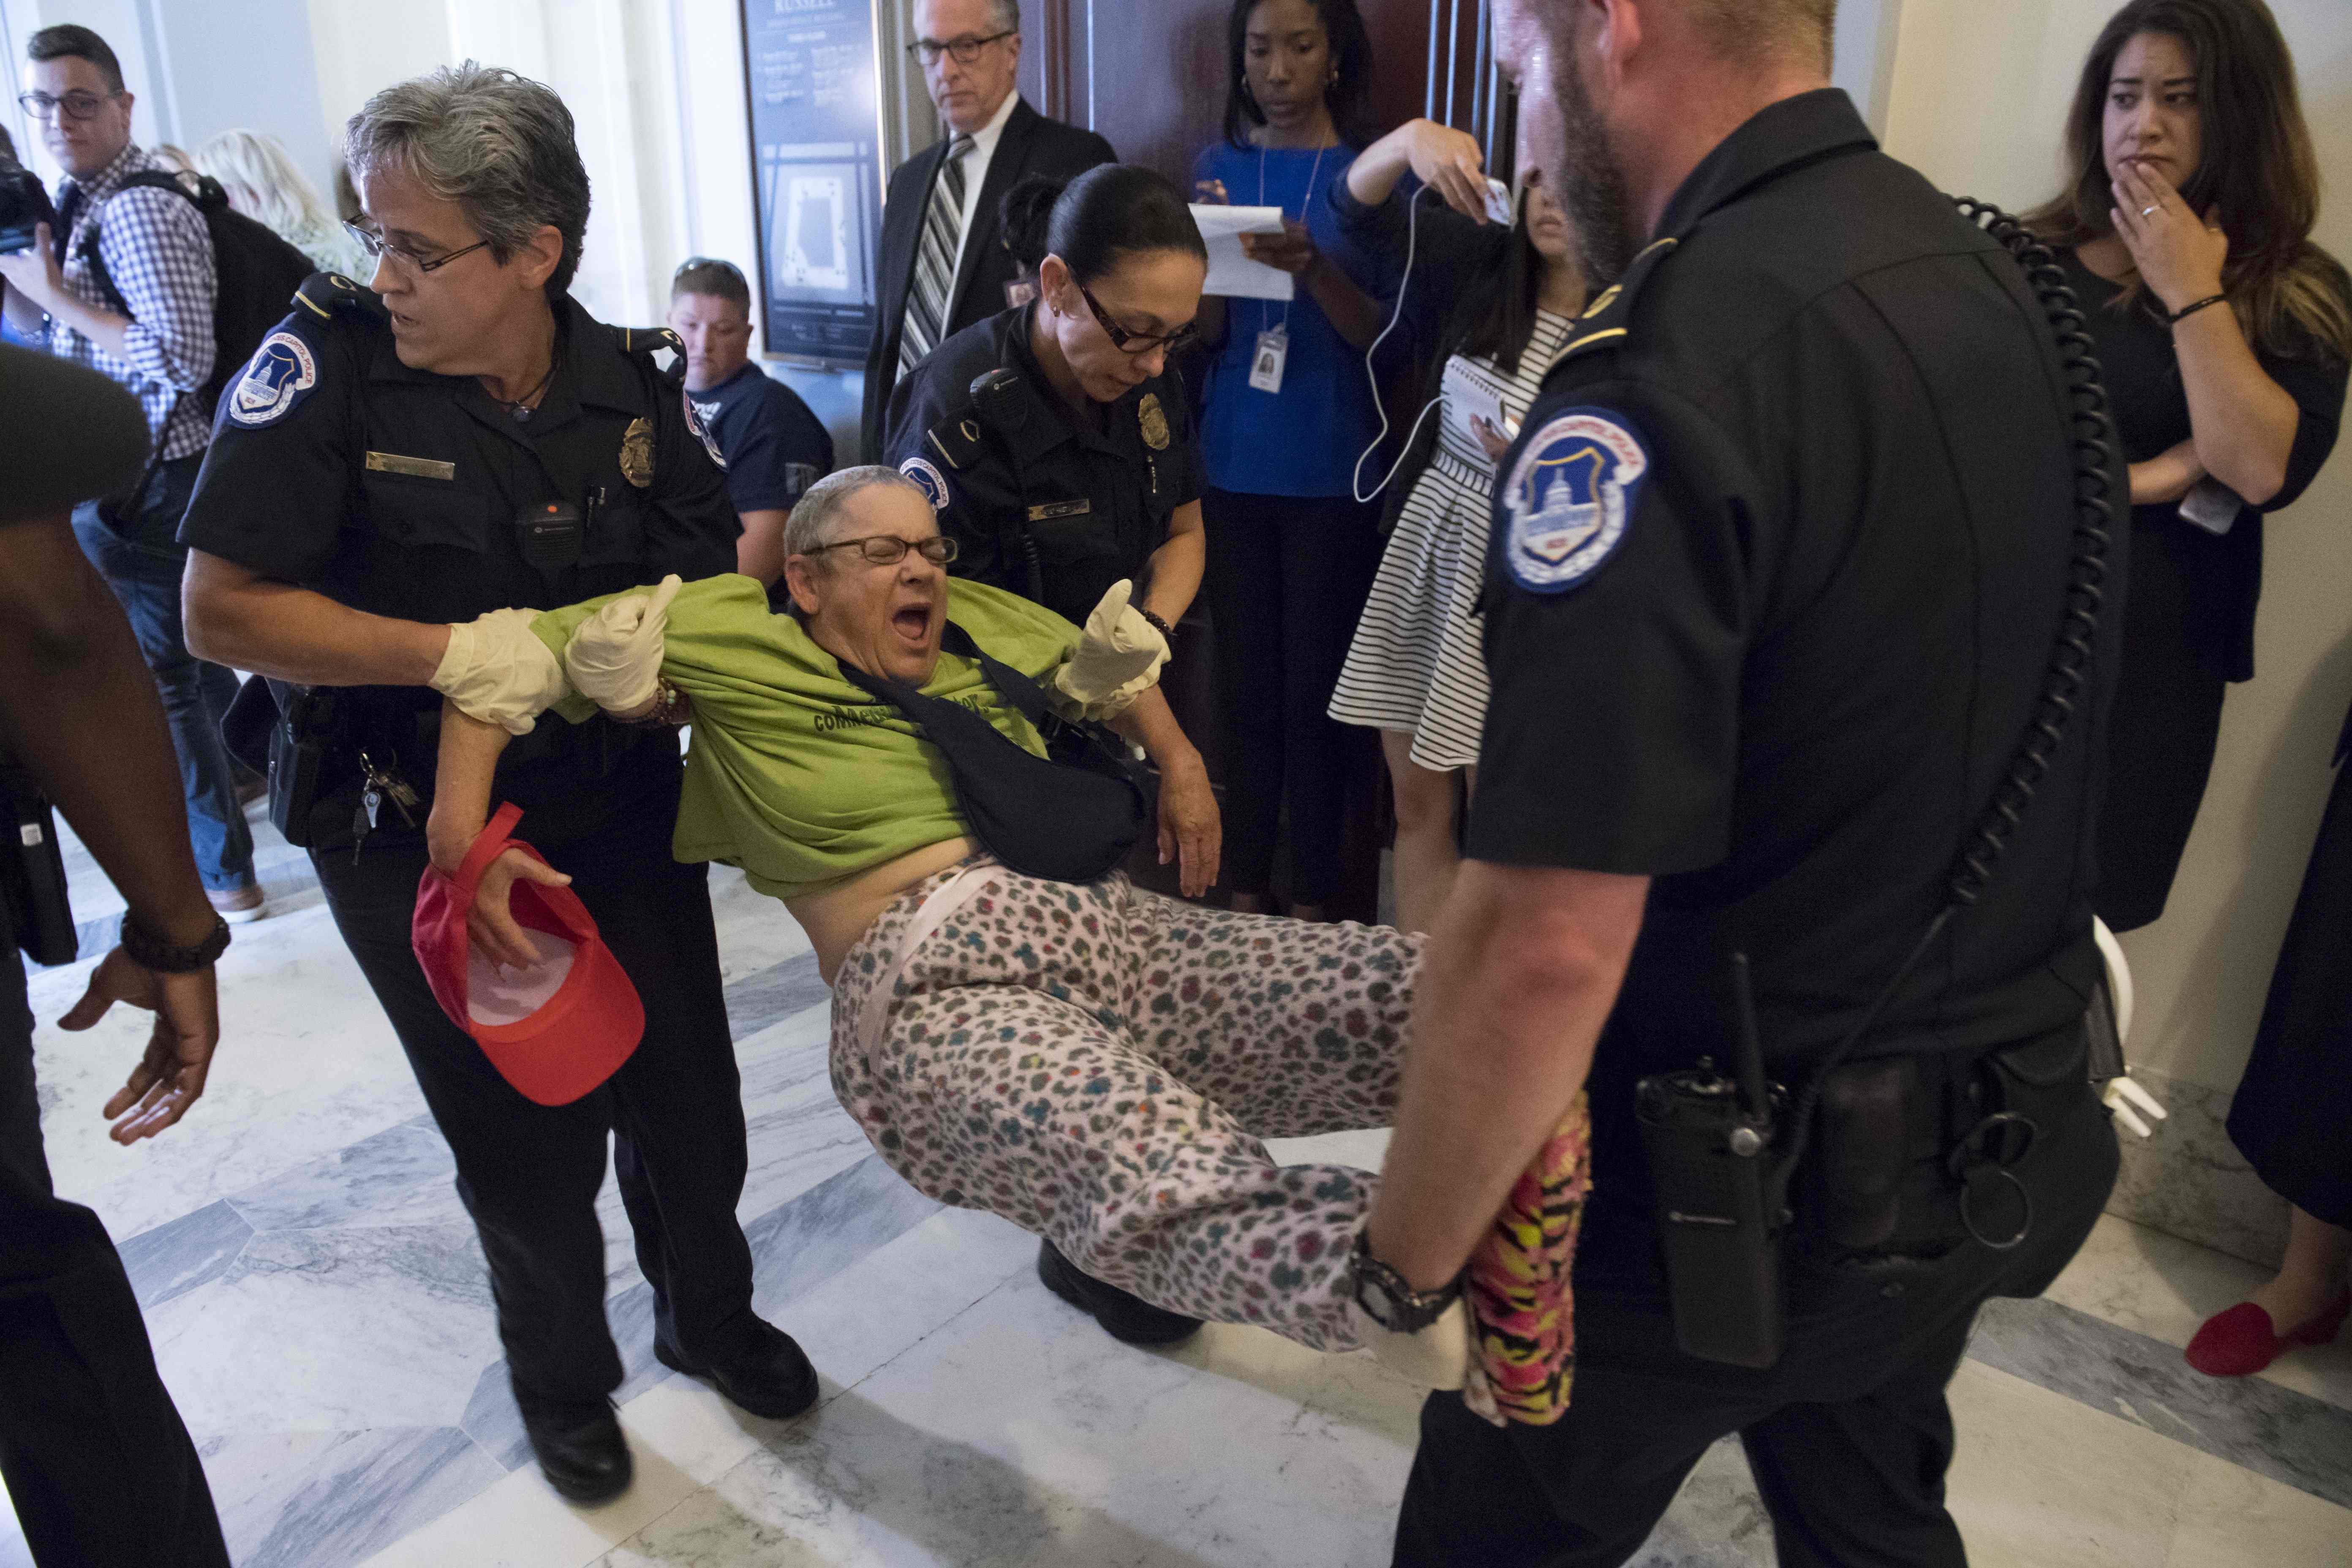 Polisen i Washington arresterar en person som demonstrerar mot ett nytt lagfröslag om sjukvårdsförsäkning i USA. AFP PHOTO / SAUL LOEB / TT /